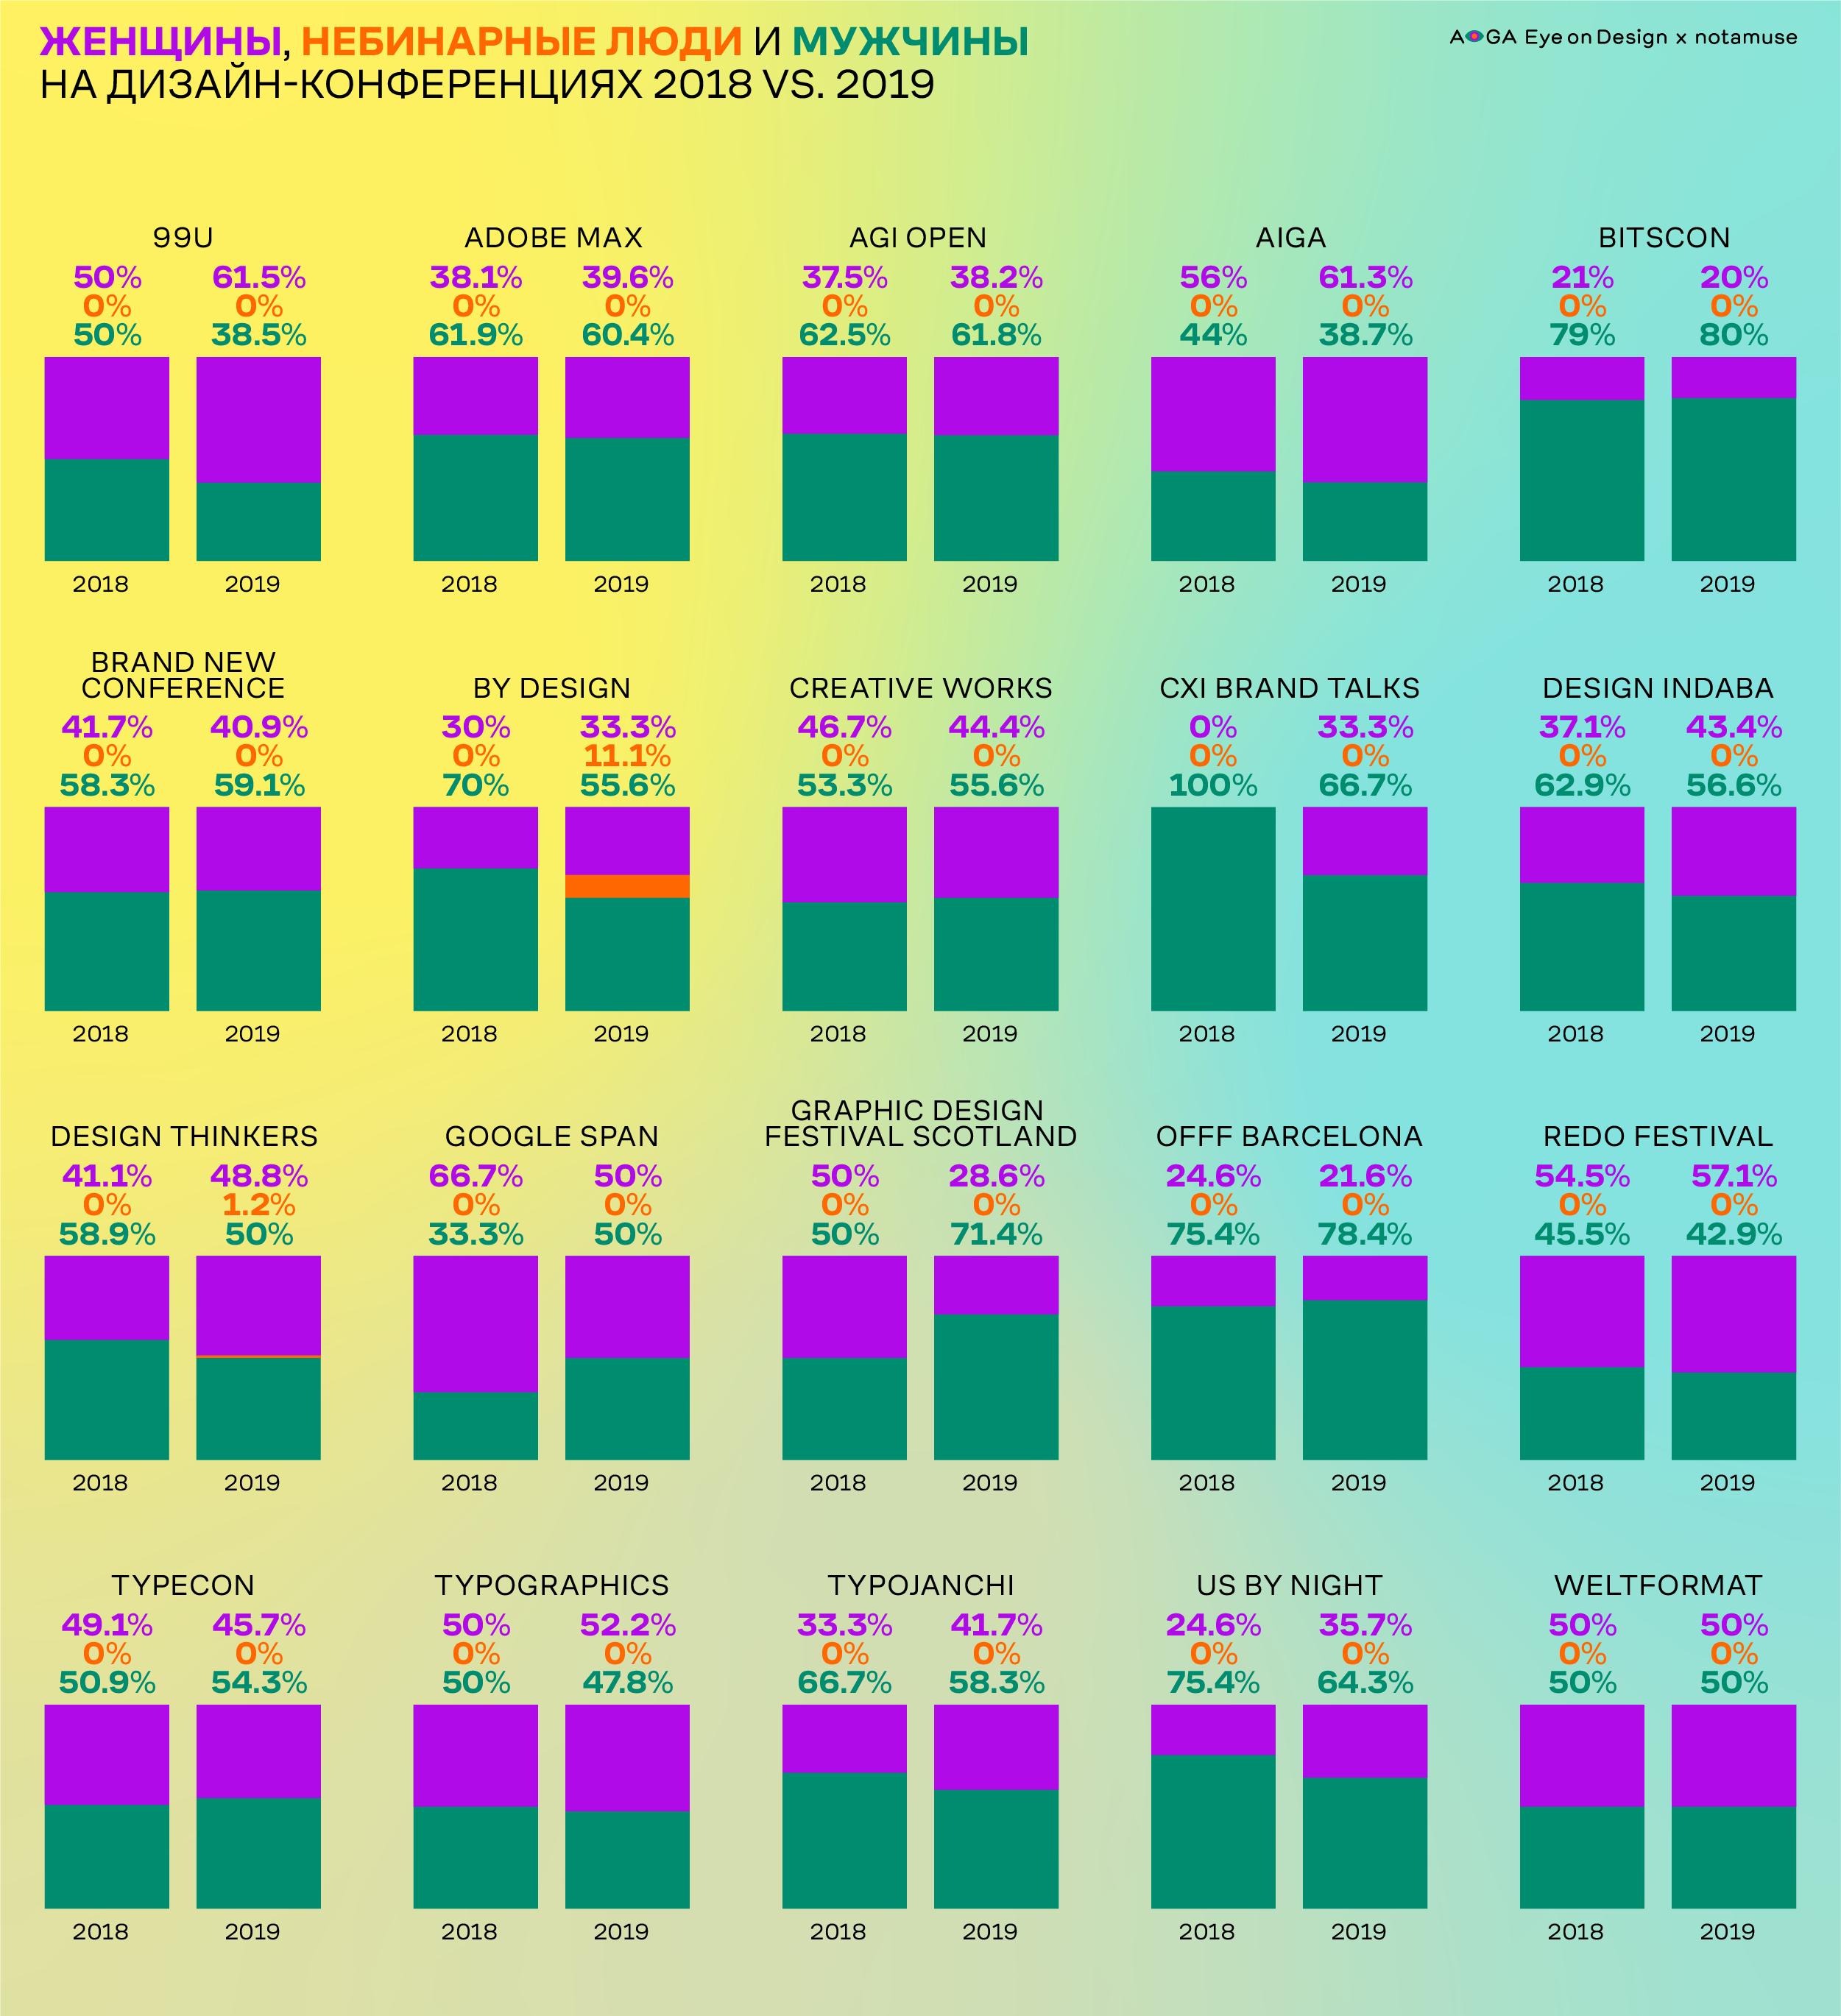 eod_study2019_infograficsarticle_rus2_2018-vs-2019-a4500a40ad754746adba2a84a0695ea7.png